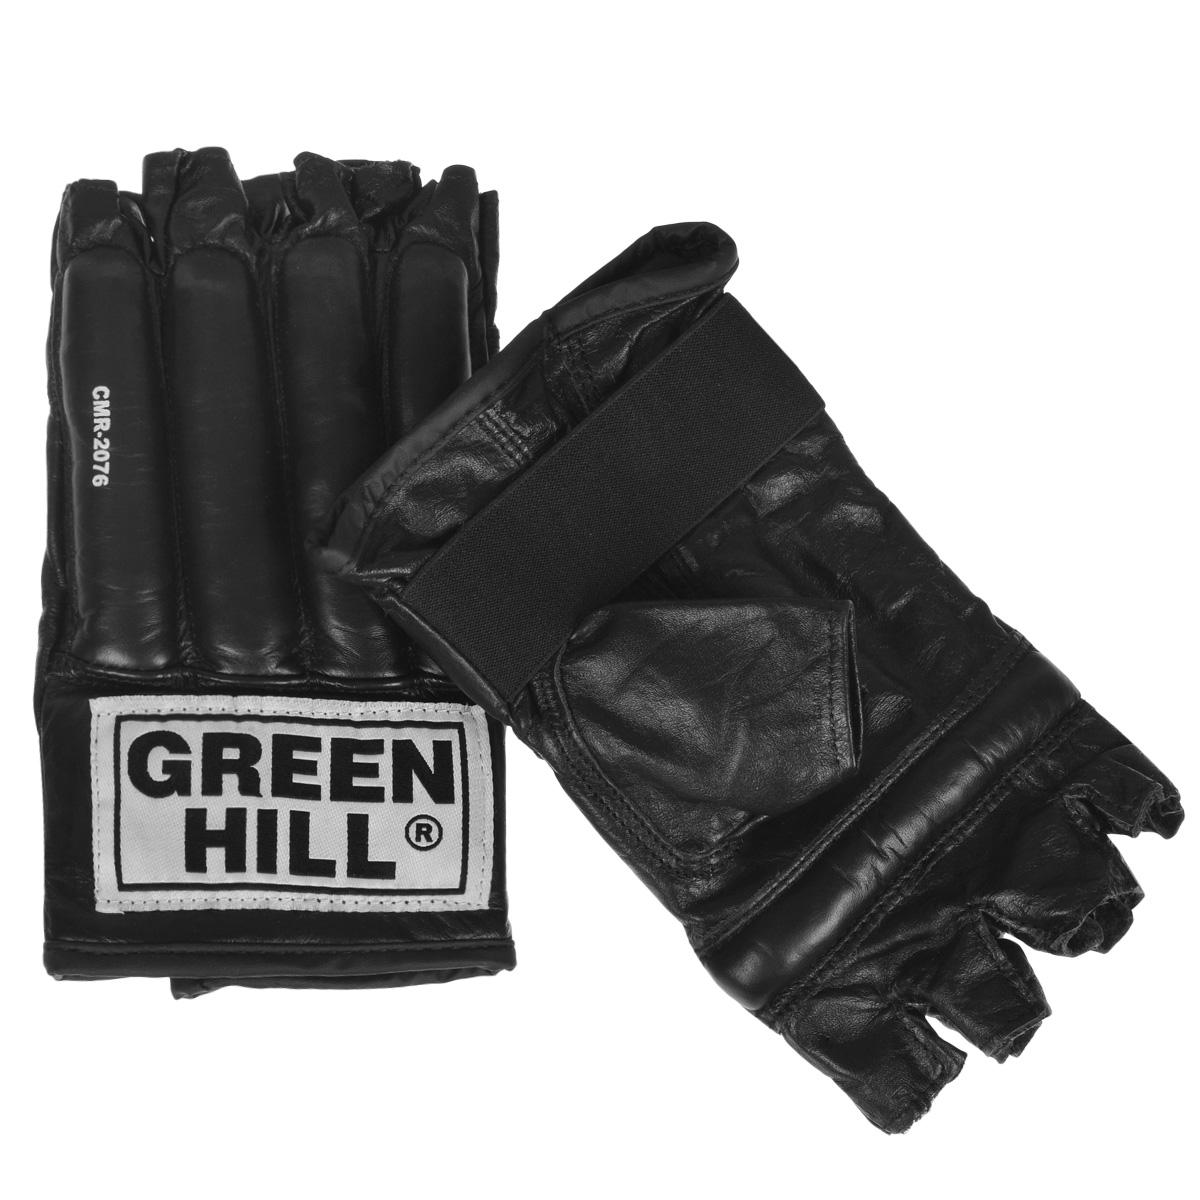 Шингарты для единоборств Green Hill Royal, цвет: черный. Размер LP00000666Шингарты Green Hill Royal предназначены для новичков и любителей, для тренировок в домашних условиях, а так же могут использоваться для боевого самбо или боев без правил. Выполнены из высококачественной натуральной кожи. Застежка в виде резинки надежно фиксирует шингарты на руке.